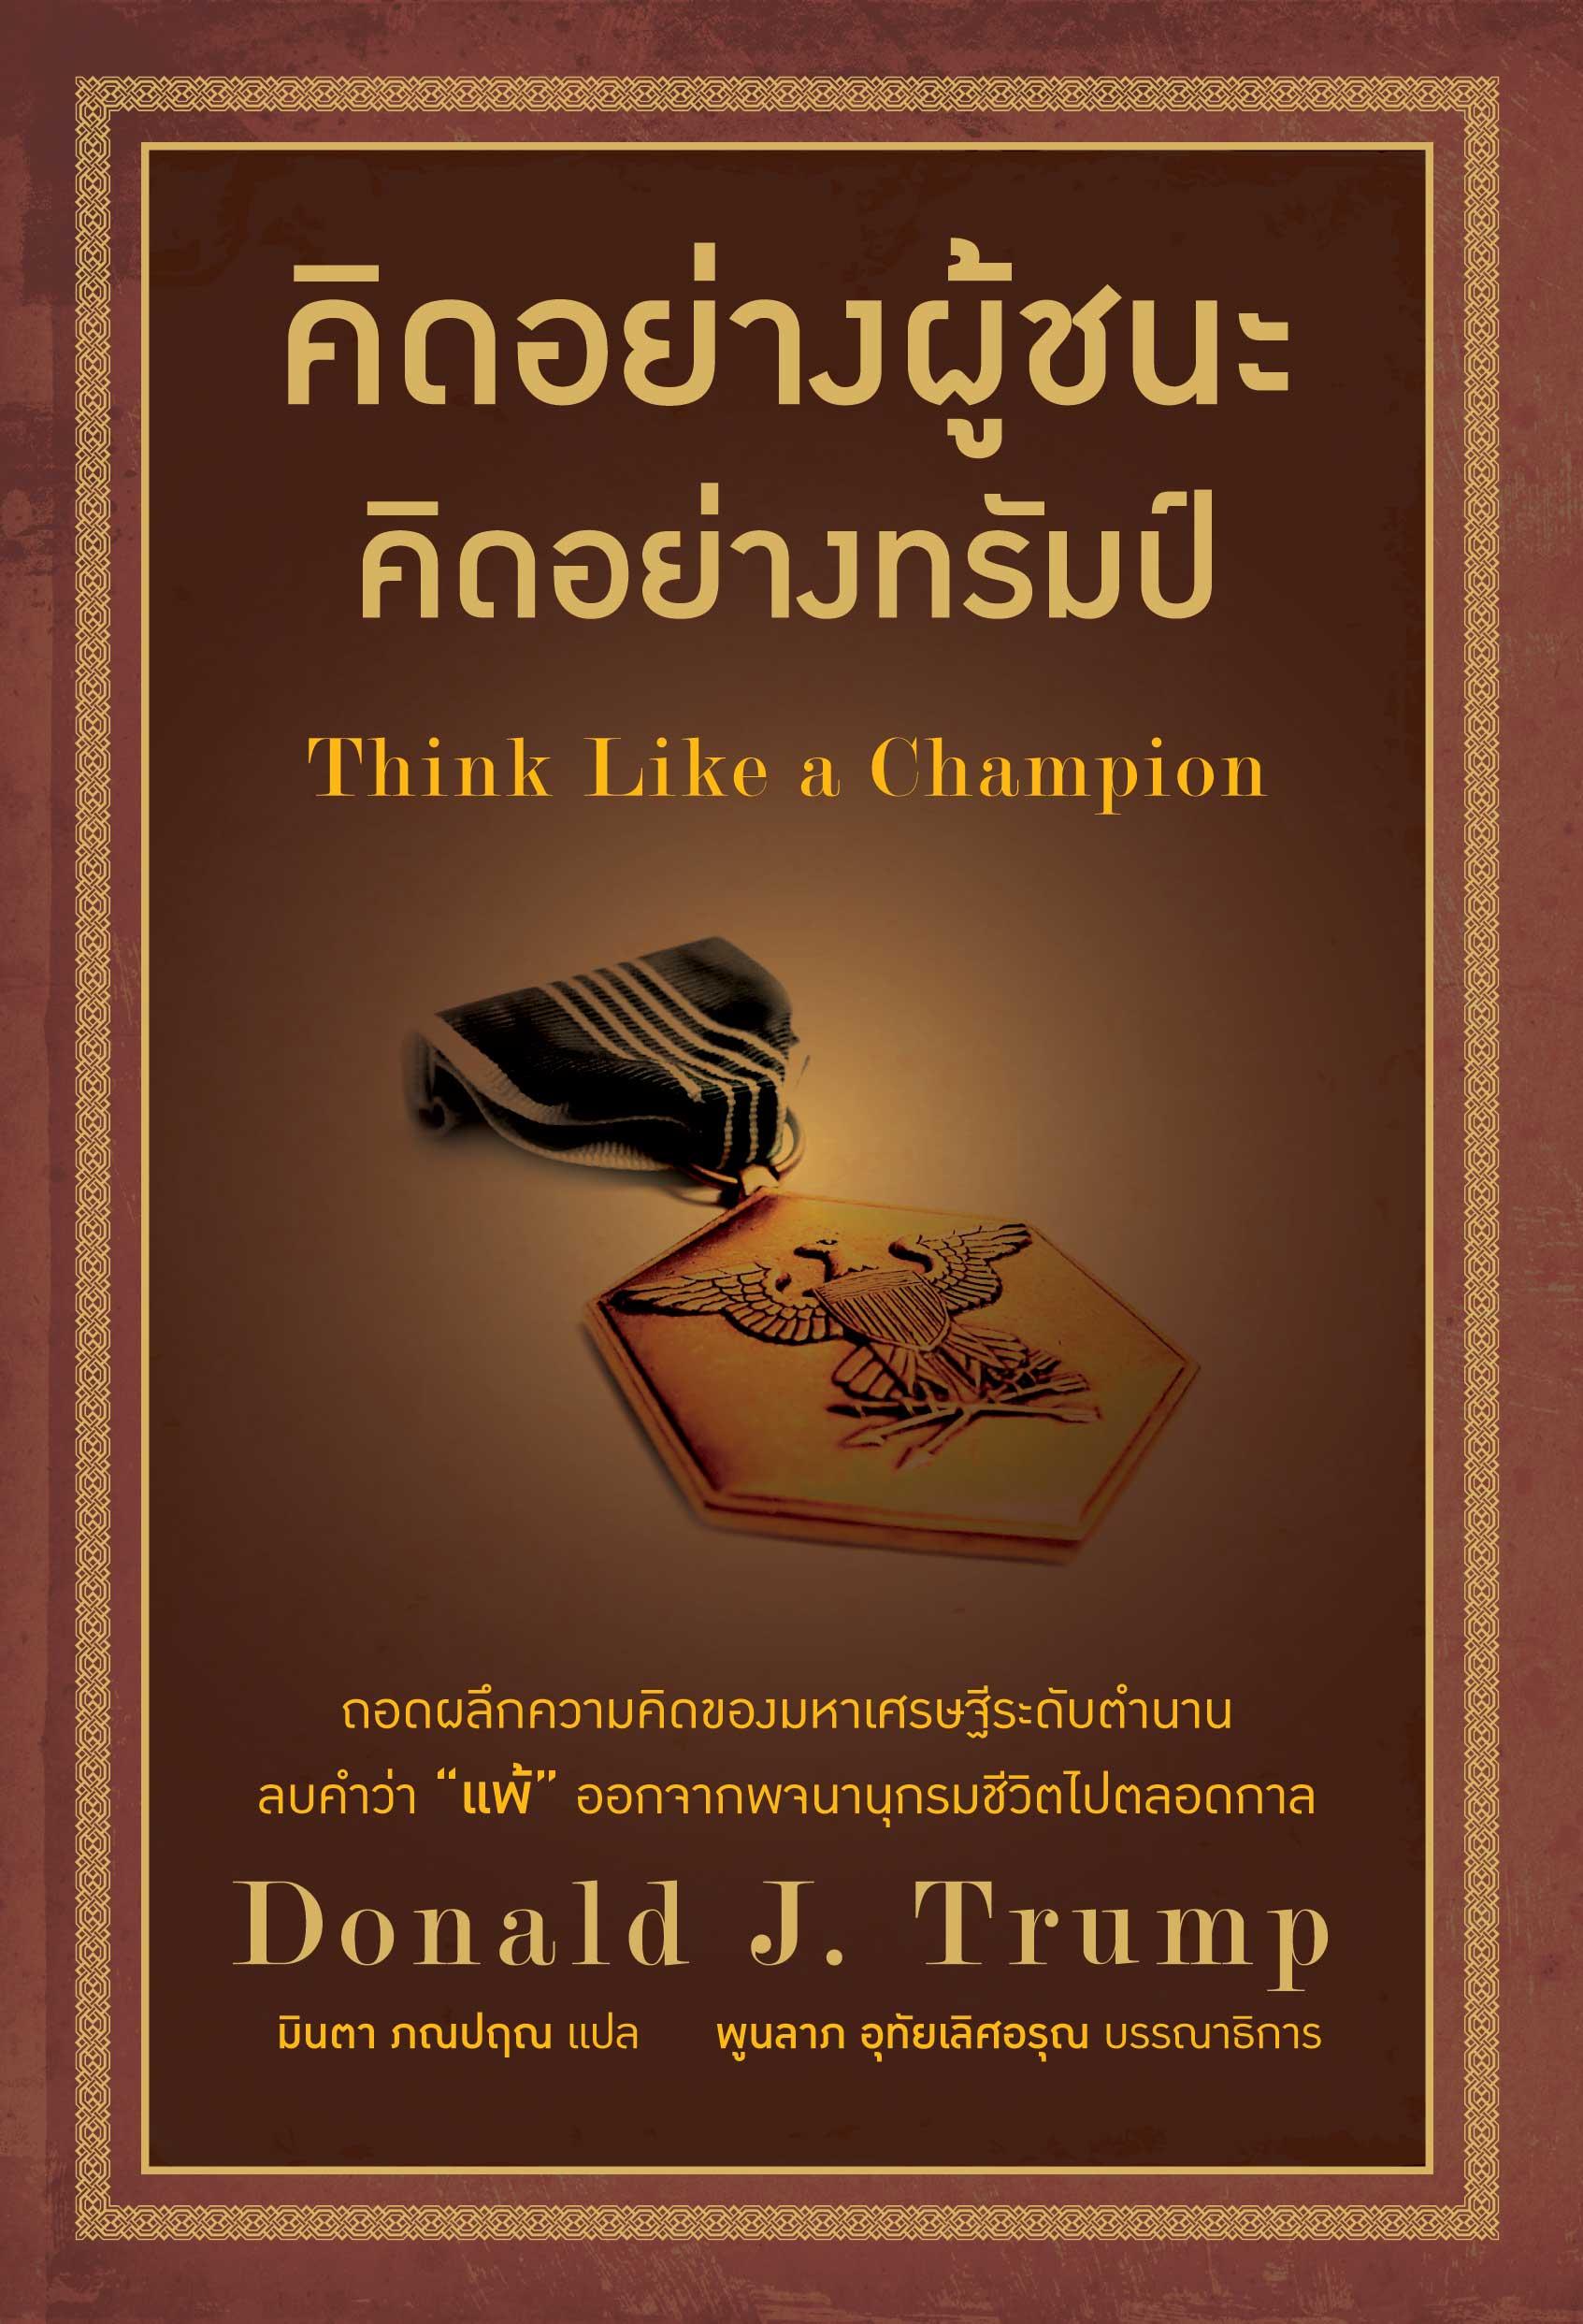 คิดอย่างผู้ชนะ  คิดอย่างทรัมป์       (Think Like a Champion)